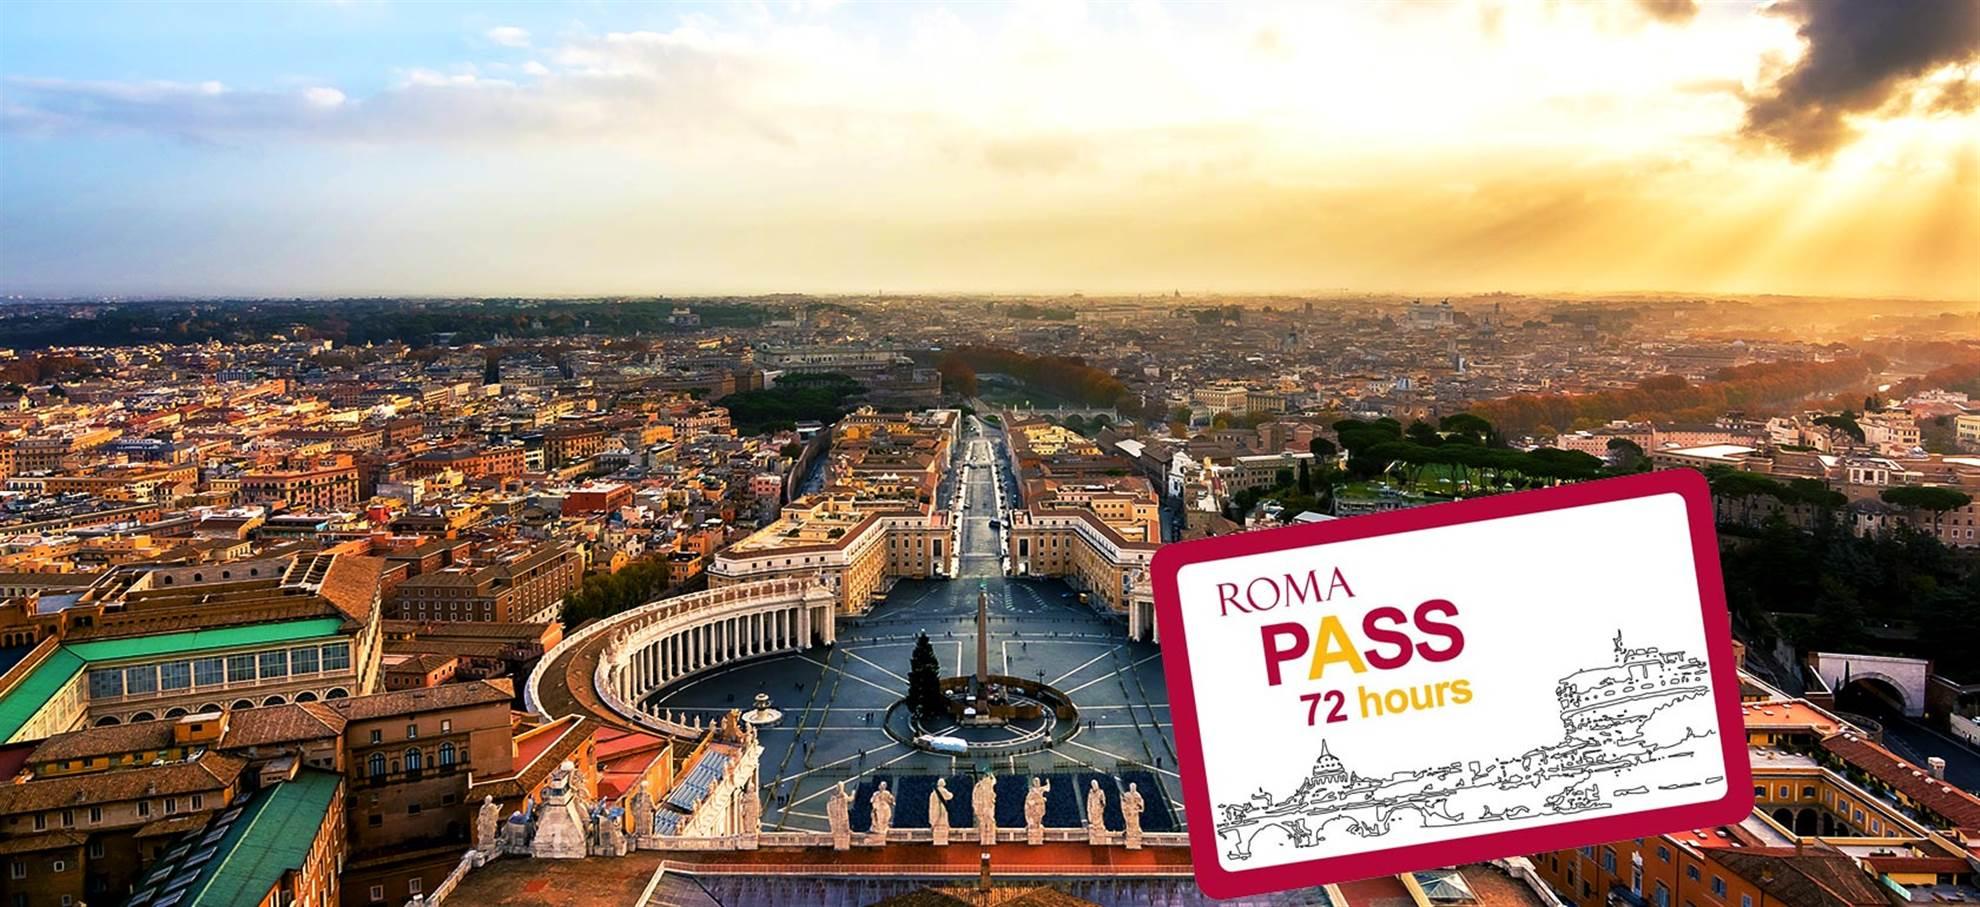 Roma Pass 72 Ore (Biglietti Salta-Fila per San Pietro opzionali)